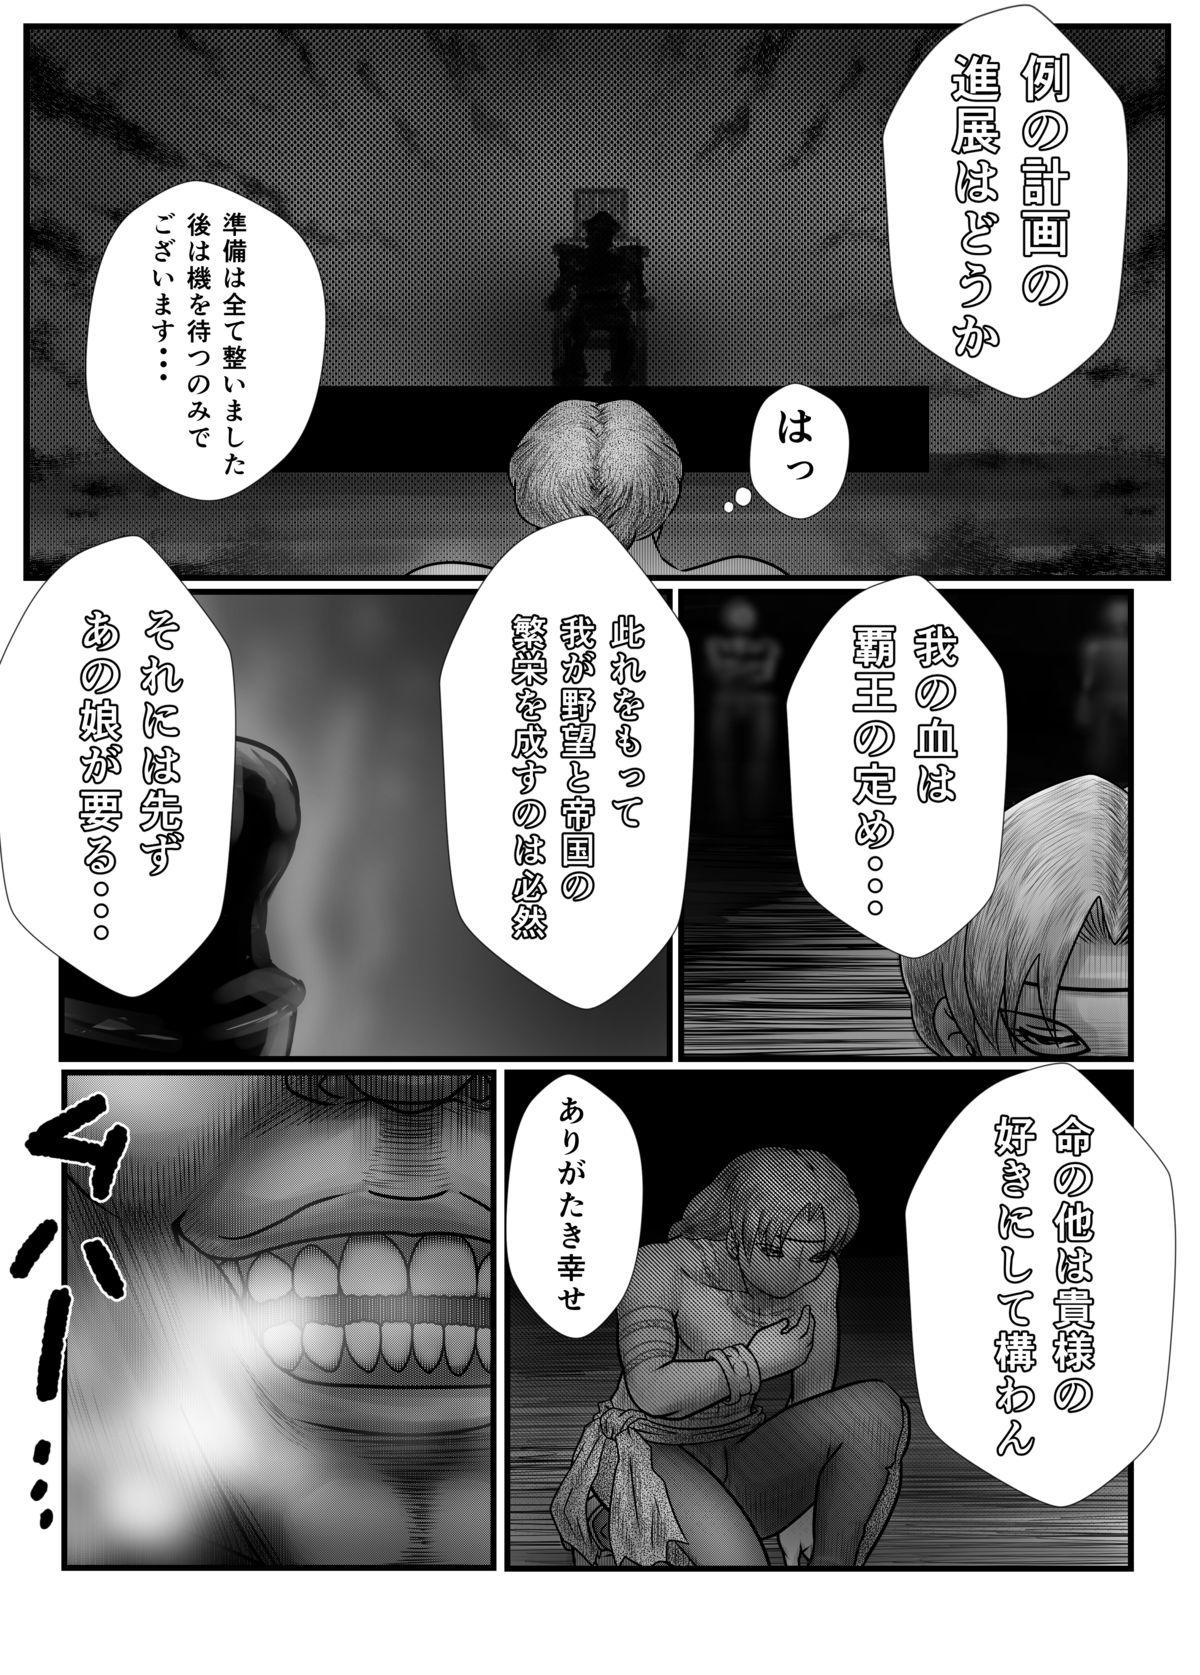 Banurog no Shibou Yuugi 4